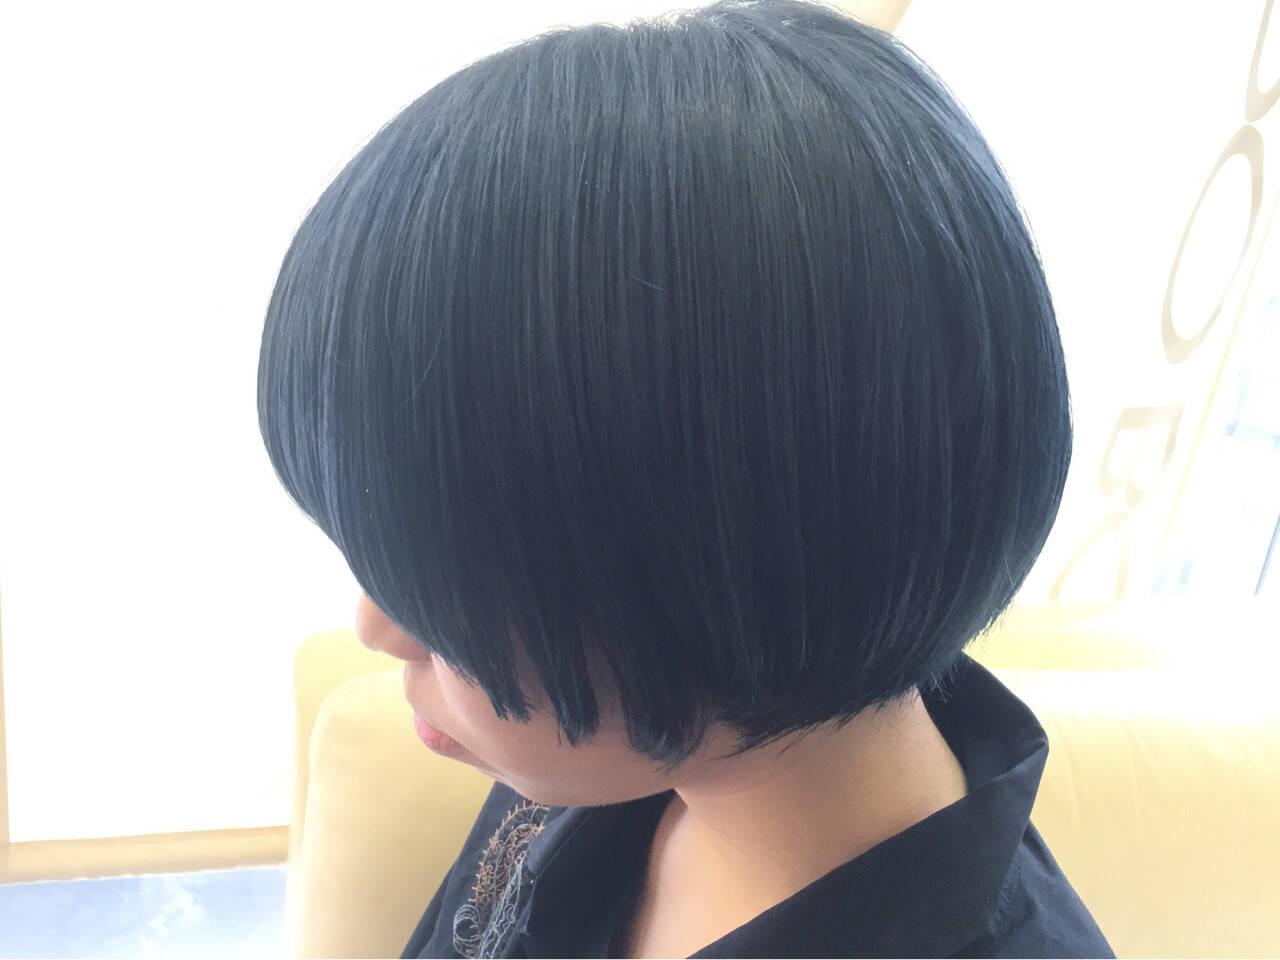 ボブ ブルージュ マッシュ ネイビーヘアスタイルや髪型の写真・画像